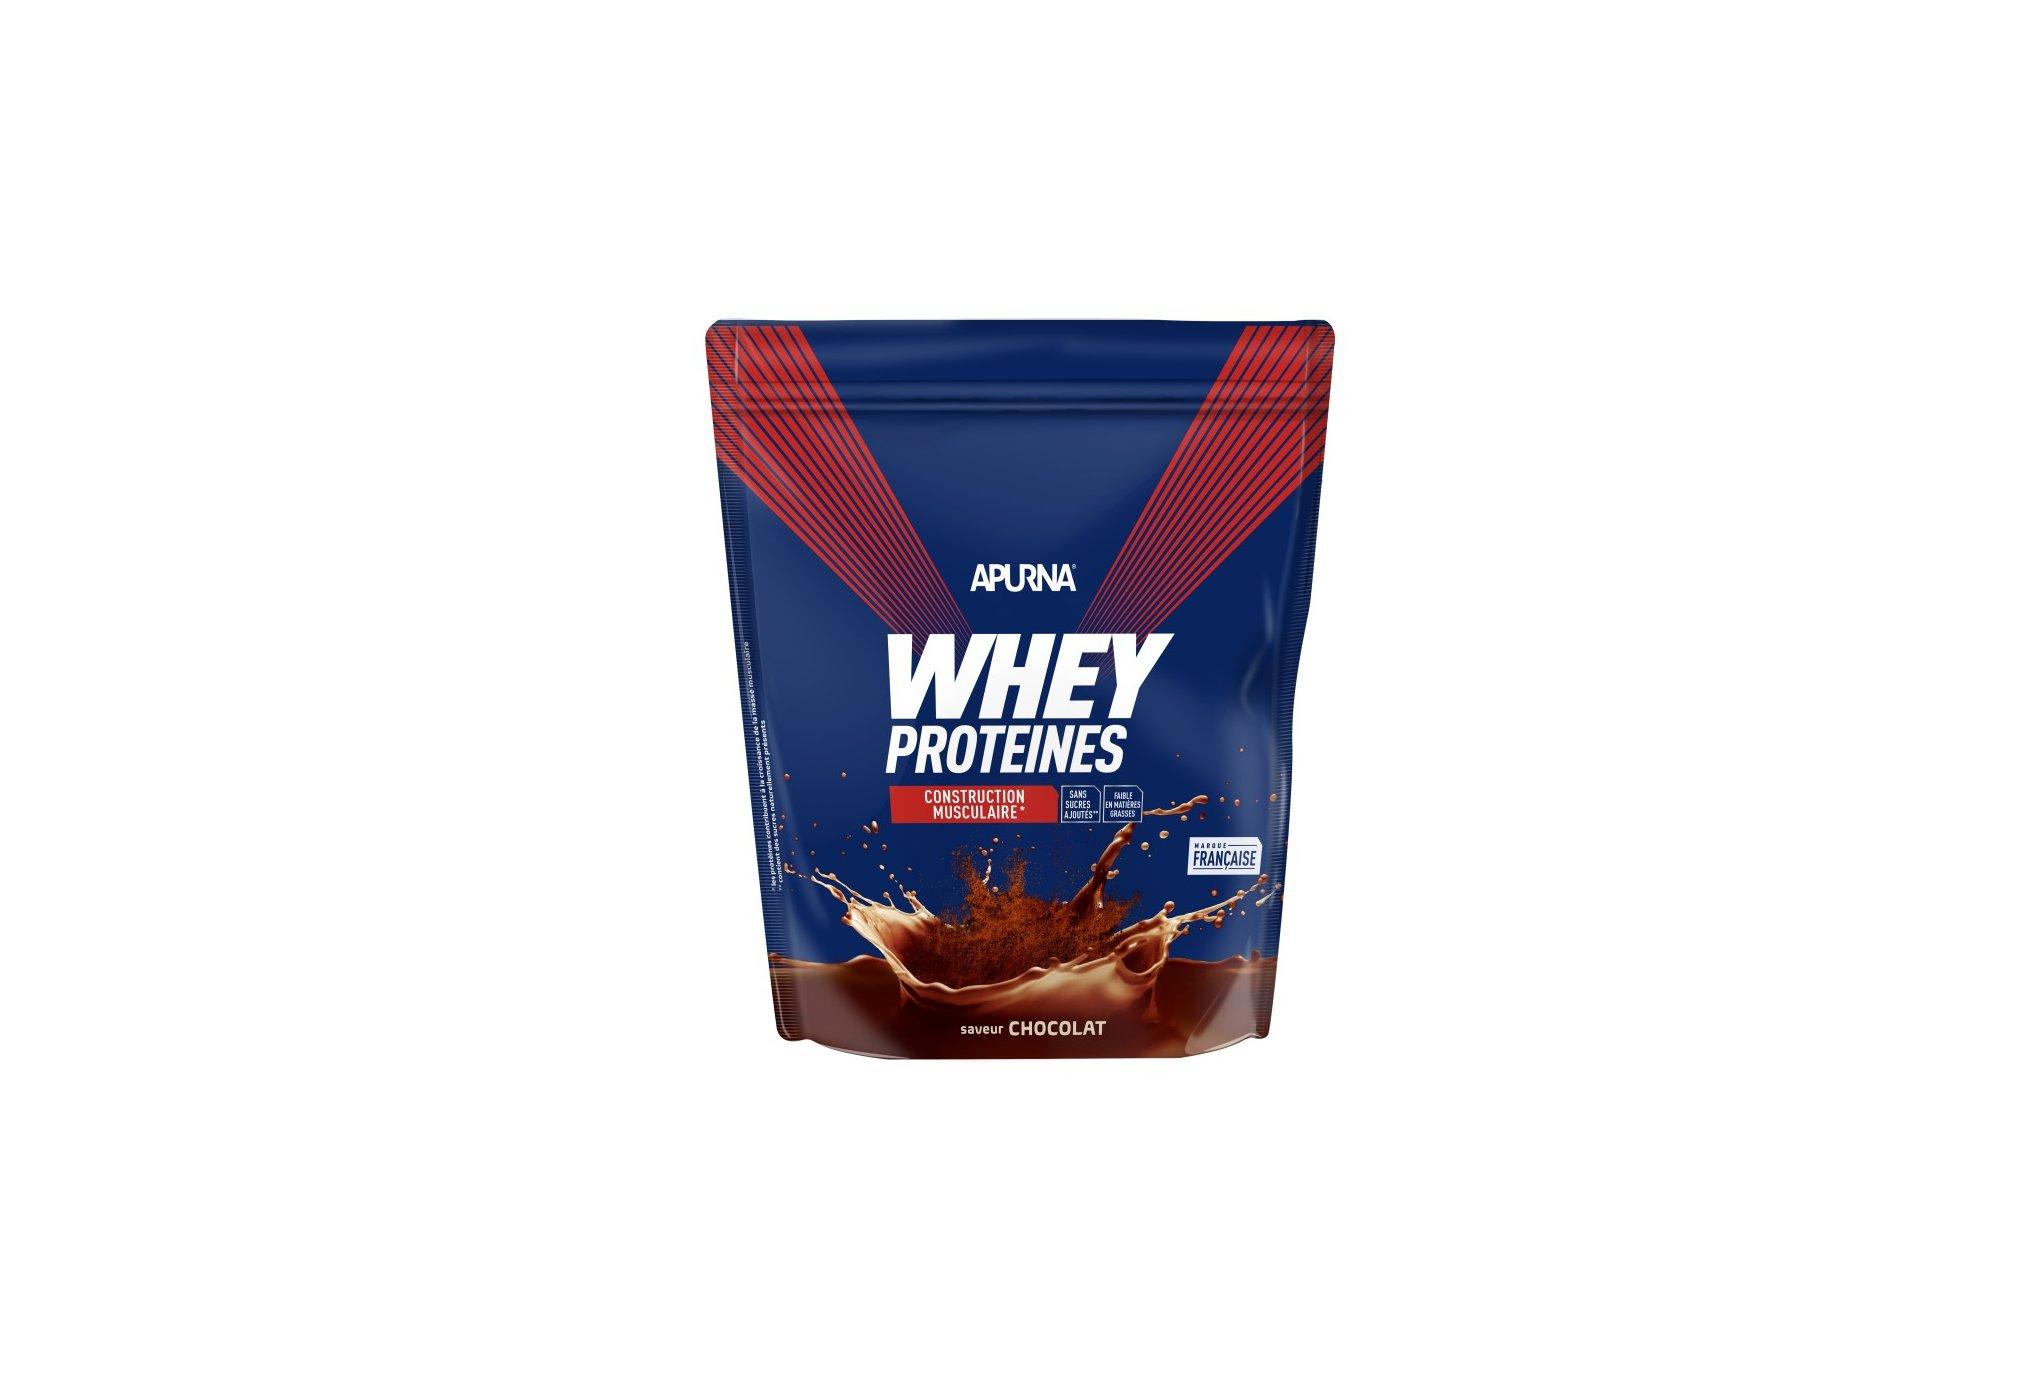 Apurna Whey protéines Chocolat - 720 g Diététique Protéines / récupération